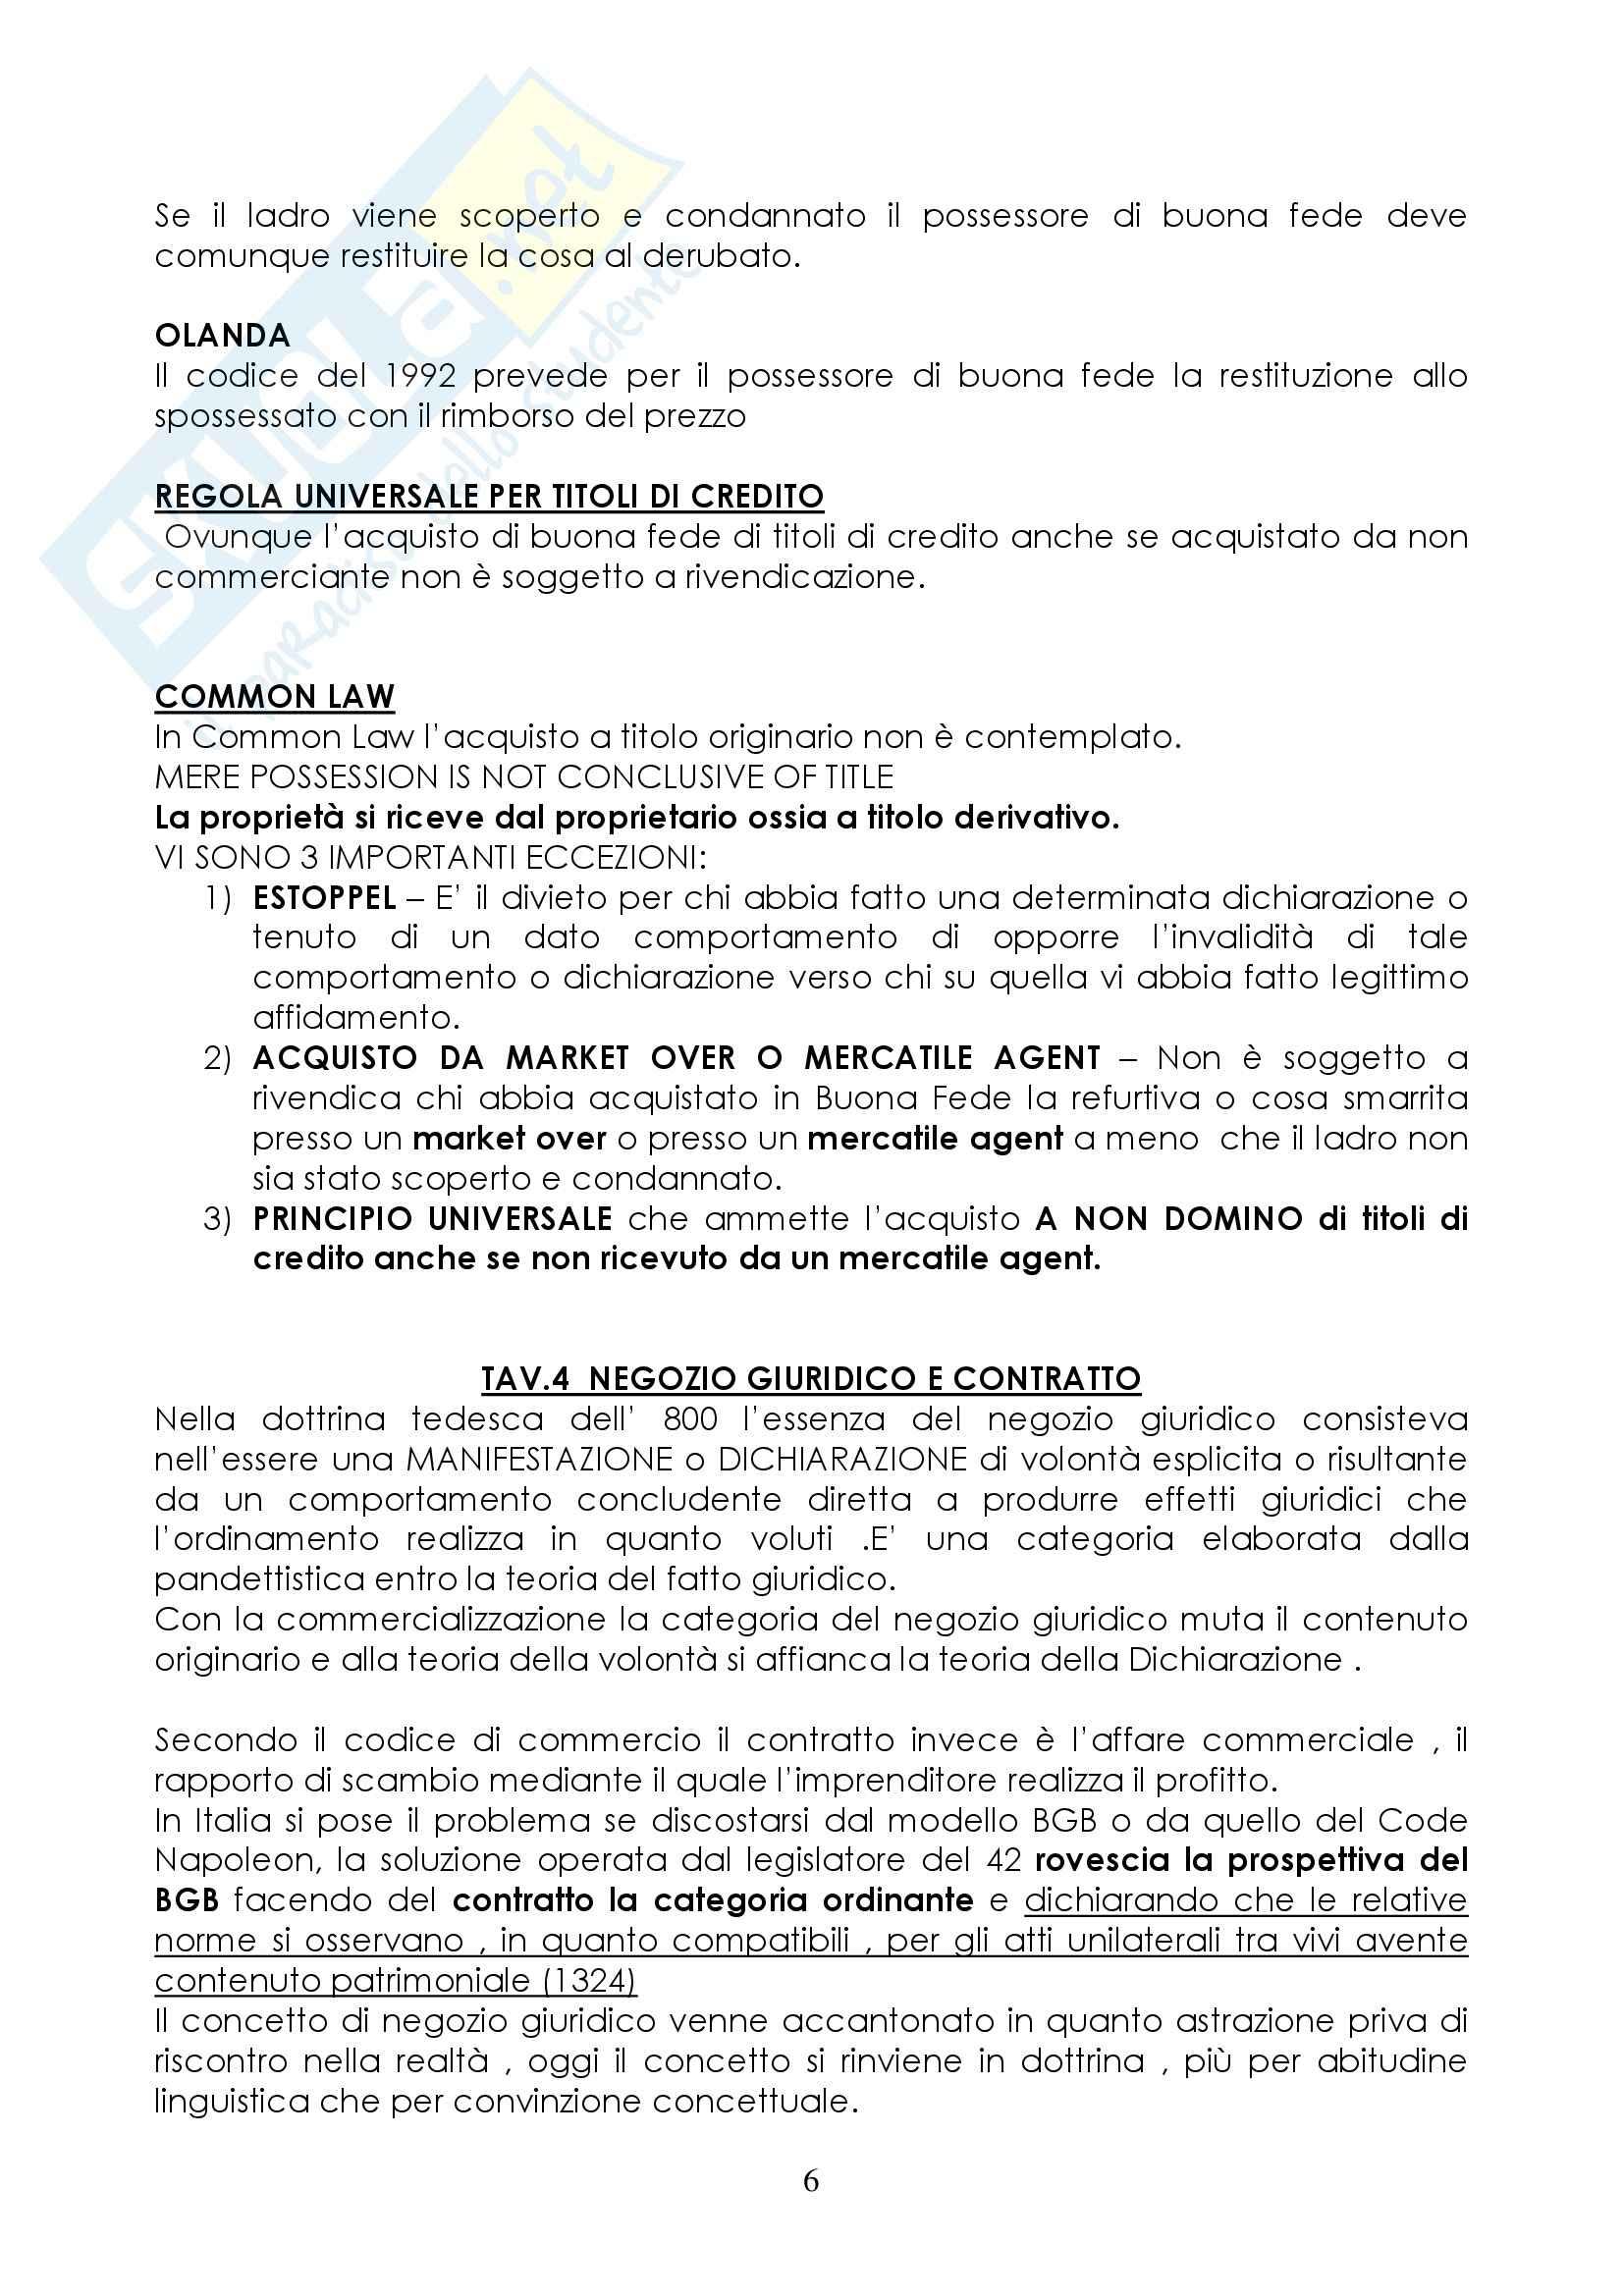 Diritto privato comparato - completo Pag. 6